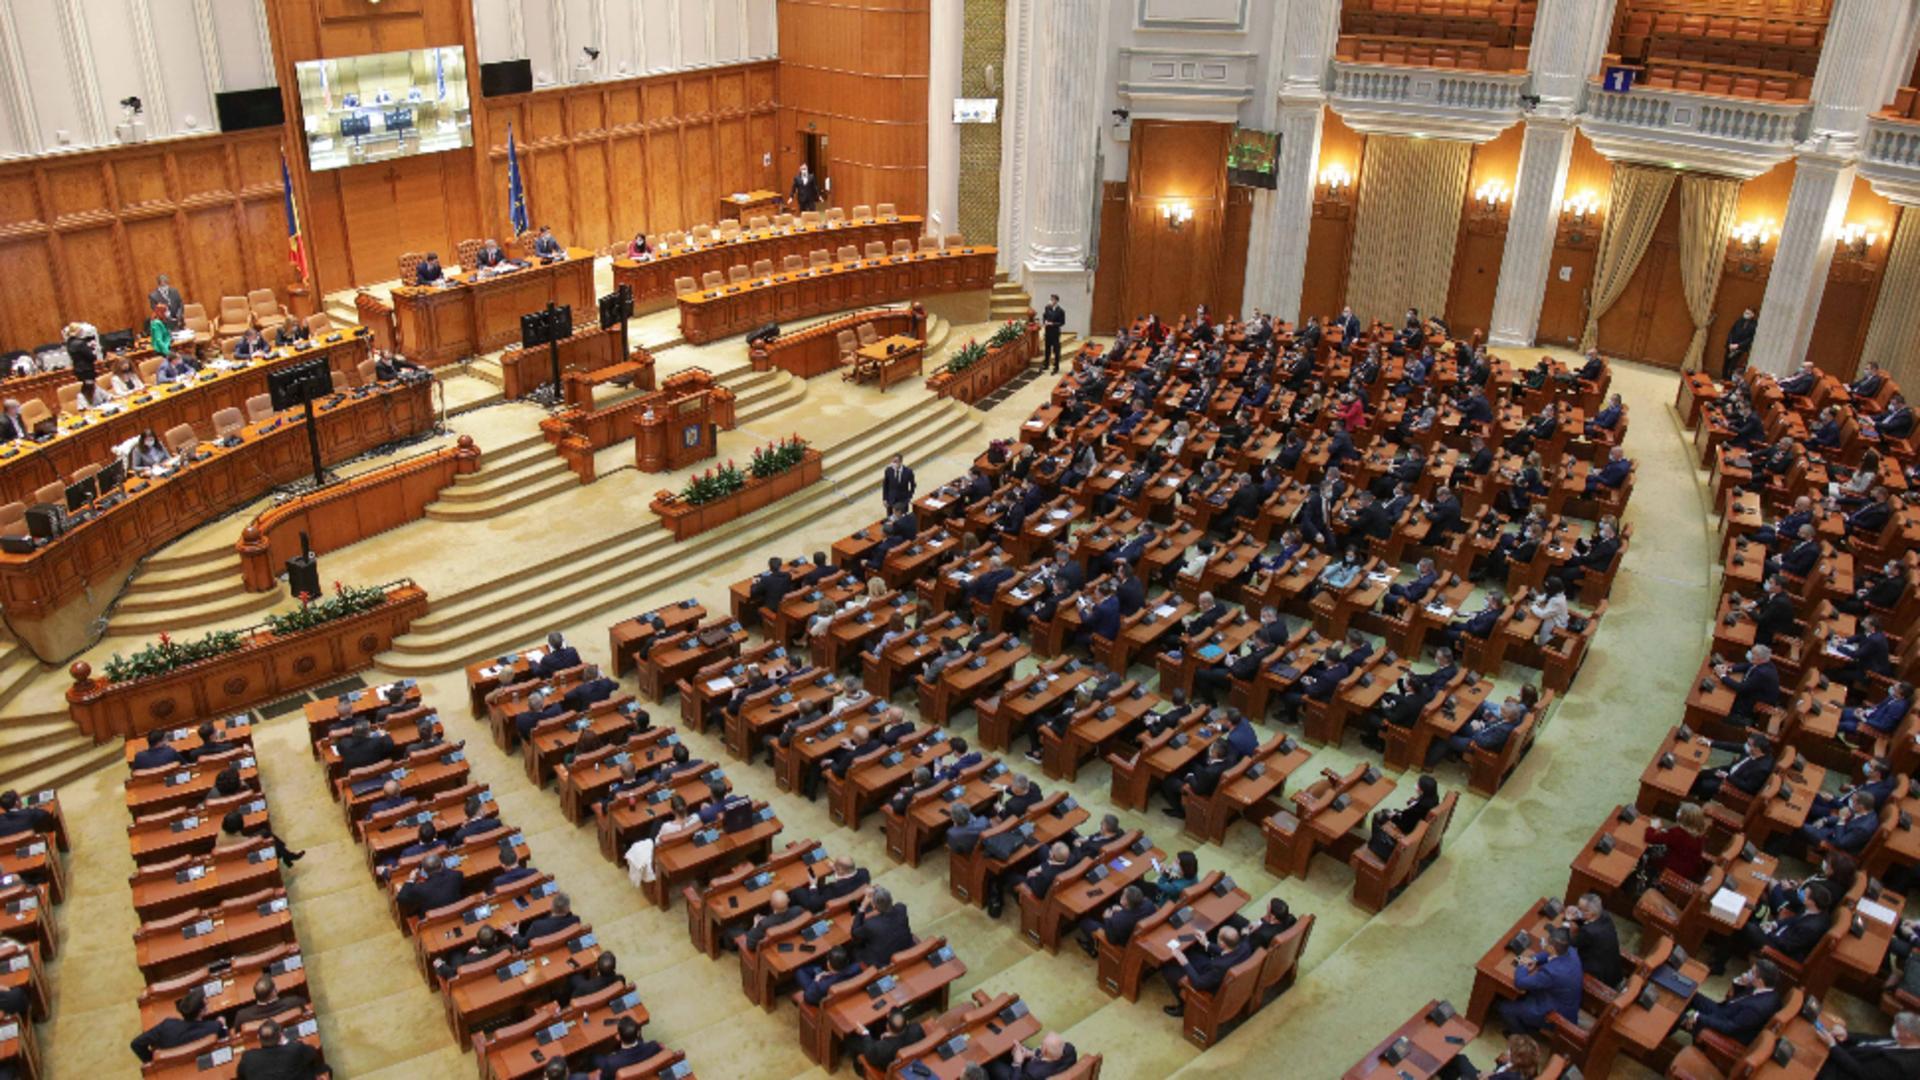 Parlament Foto: InquamPhotos/Octav Ganea